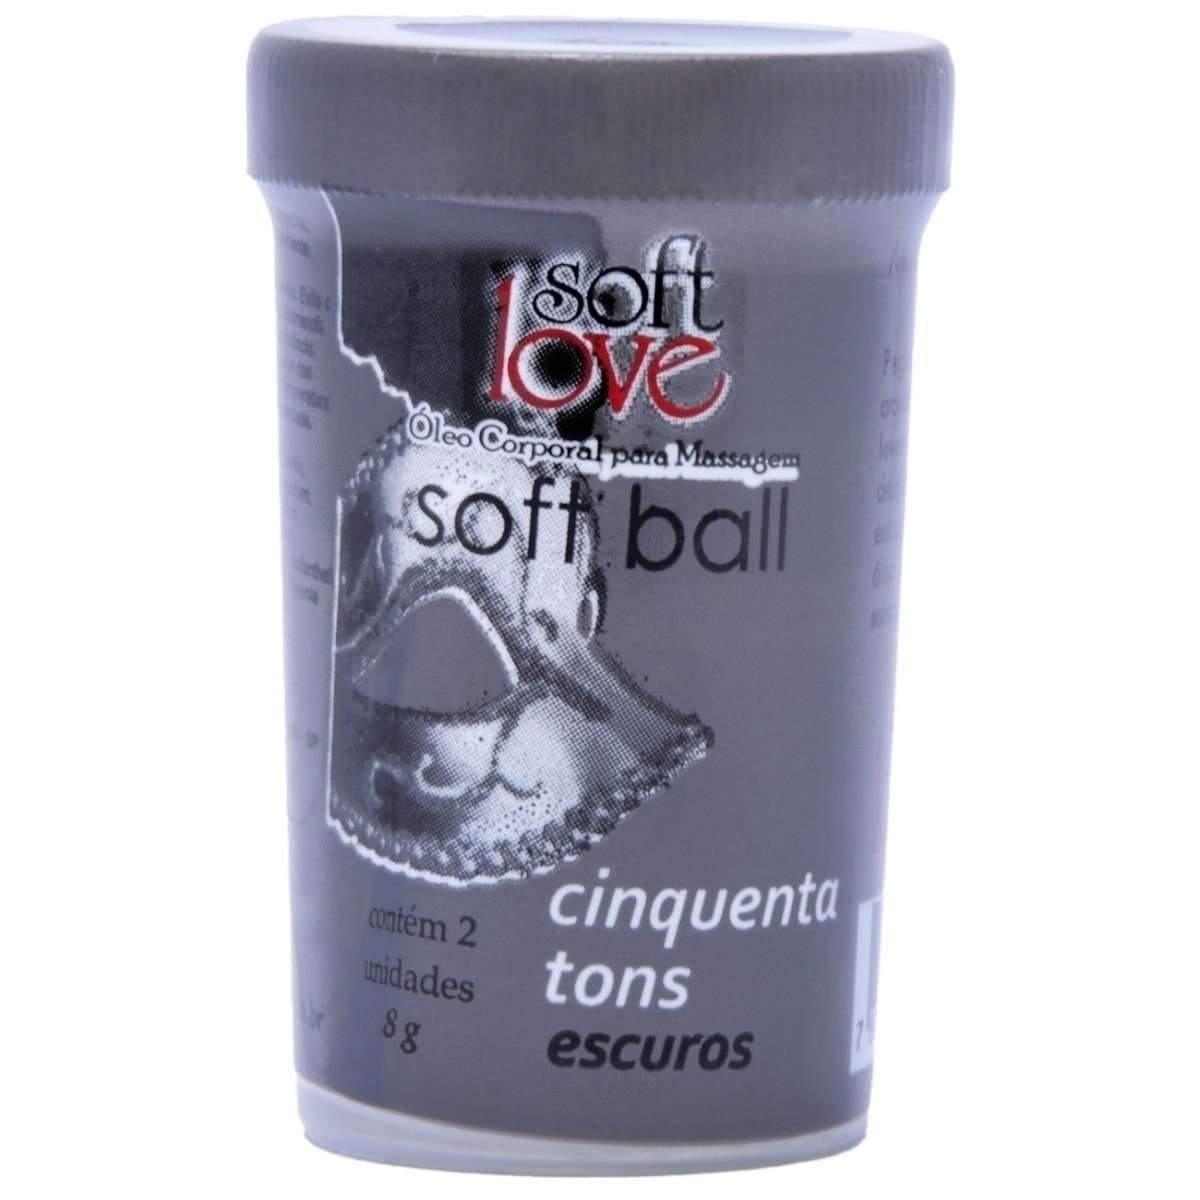 BOLINHA FUNCIONAL 50 TONS MAIS ESCUROS 2 UNIDADES SOFT LOVE  - Fribasex - Fabricasex.com